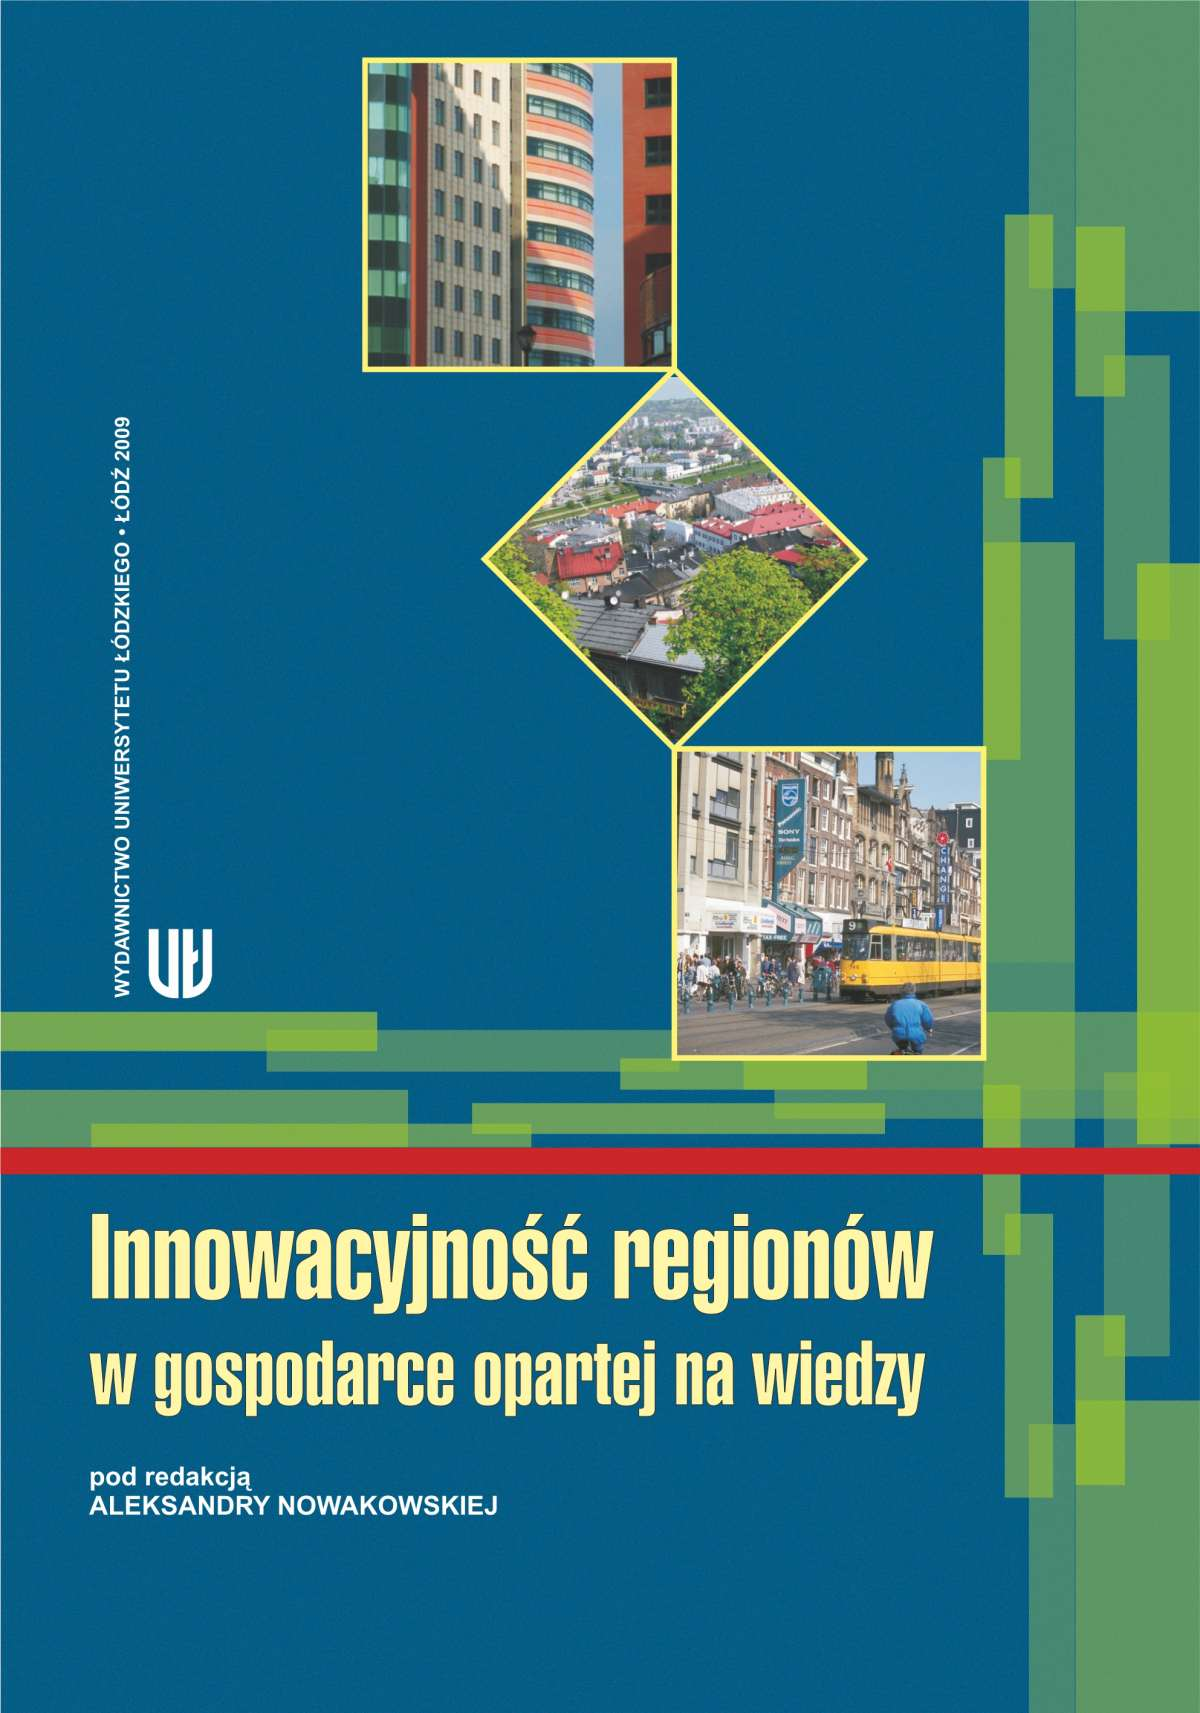 Innowacyjność regionów w gospodarce opartej na wiedzy - Ebook (Książka PDF) do pobrania w formacie PDF